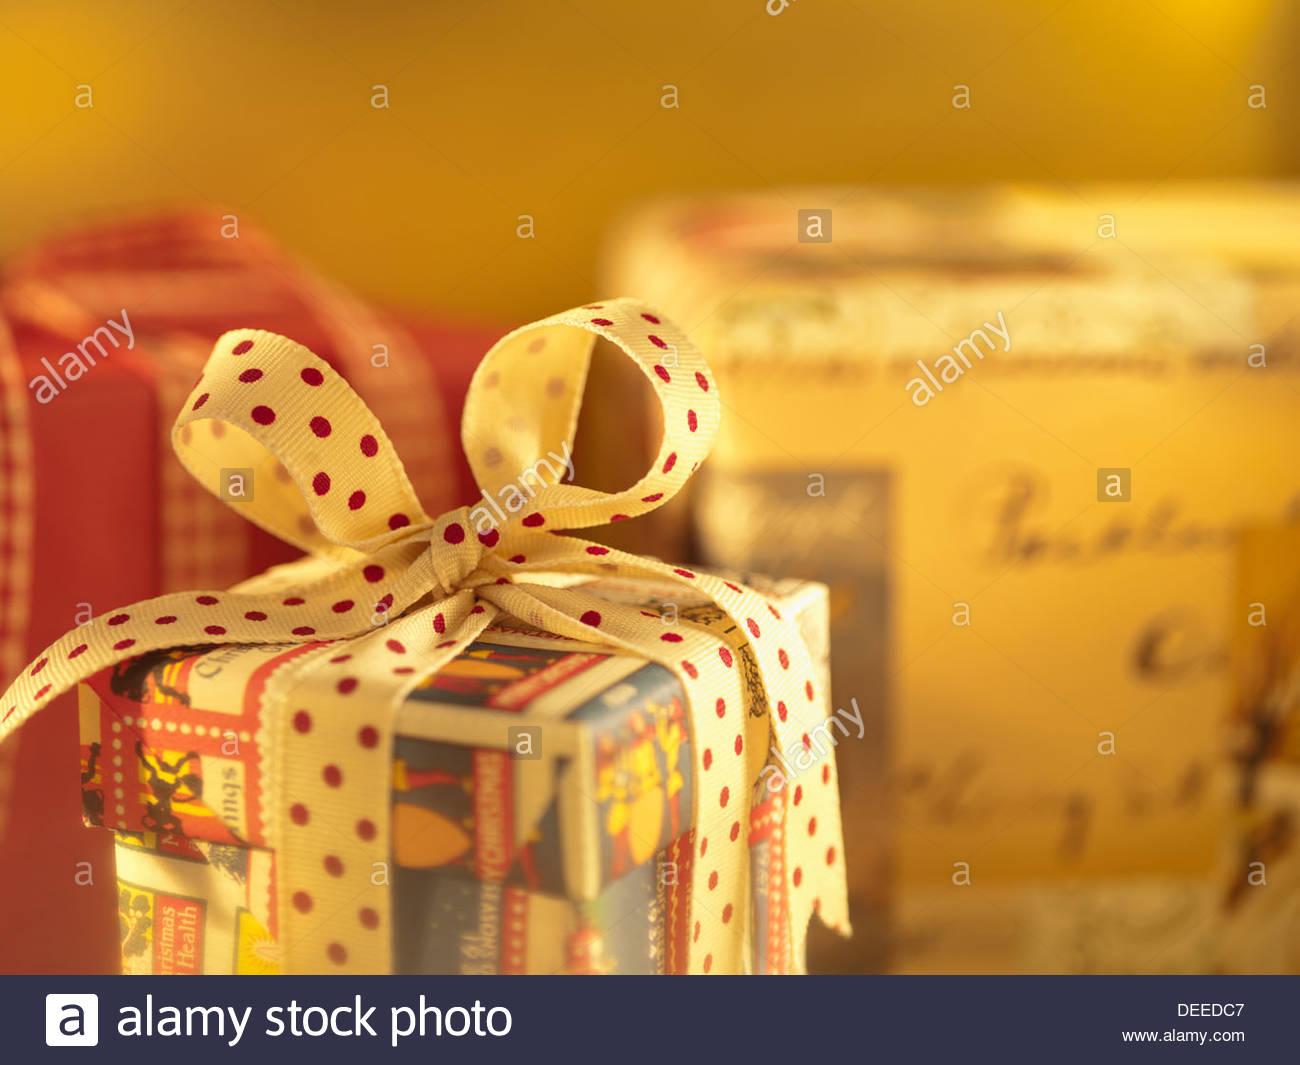 Christmas gift with polka dot ribbon - Stock Image